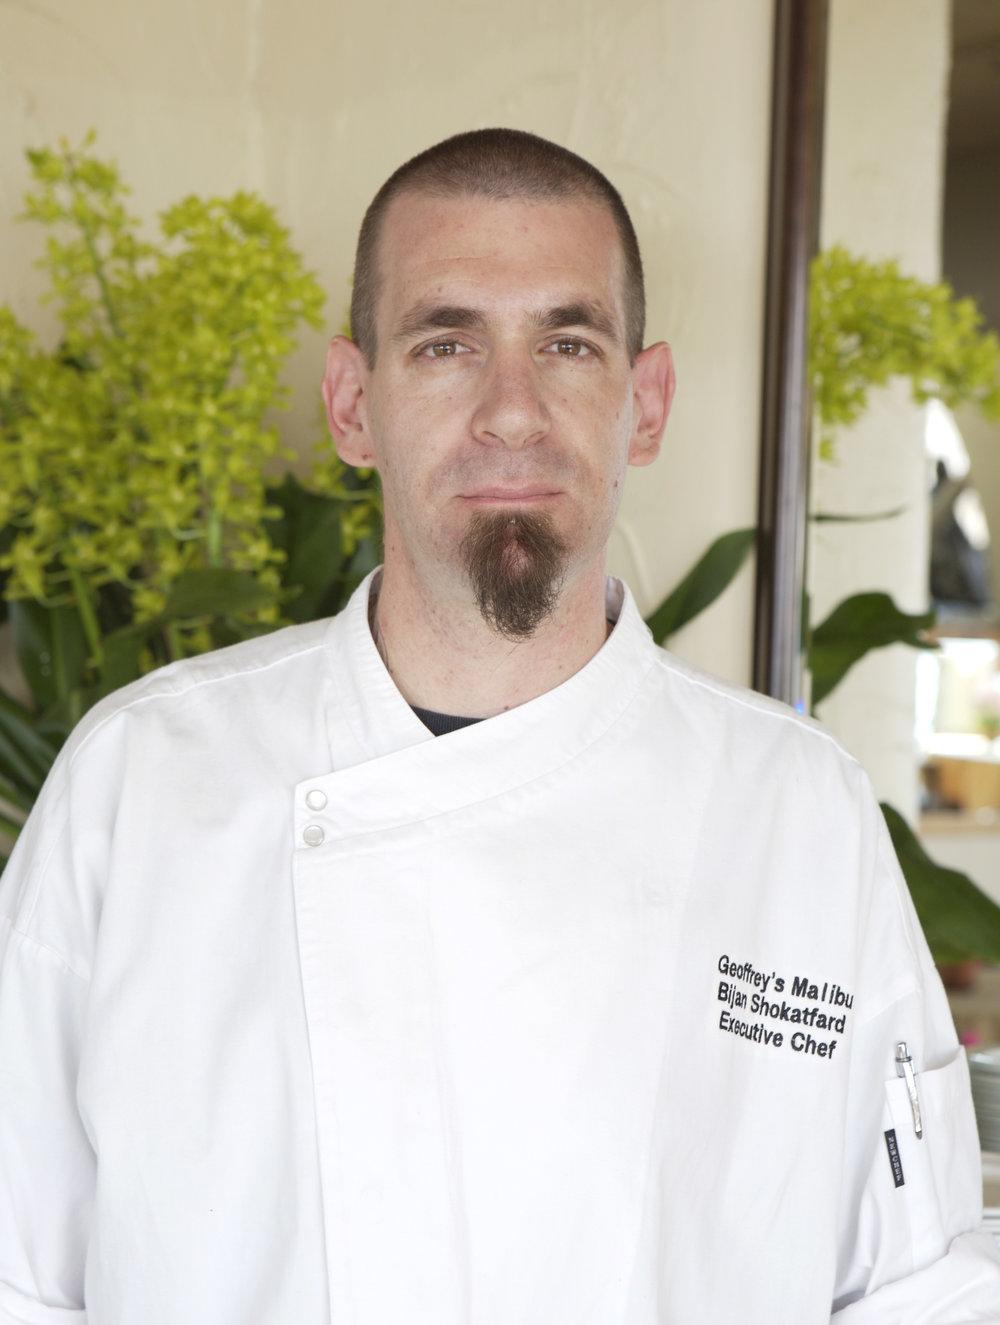 chef bijan shokatfard